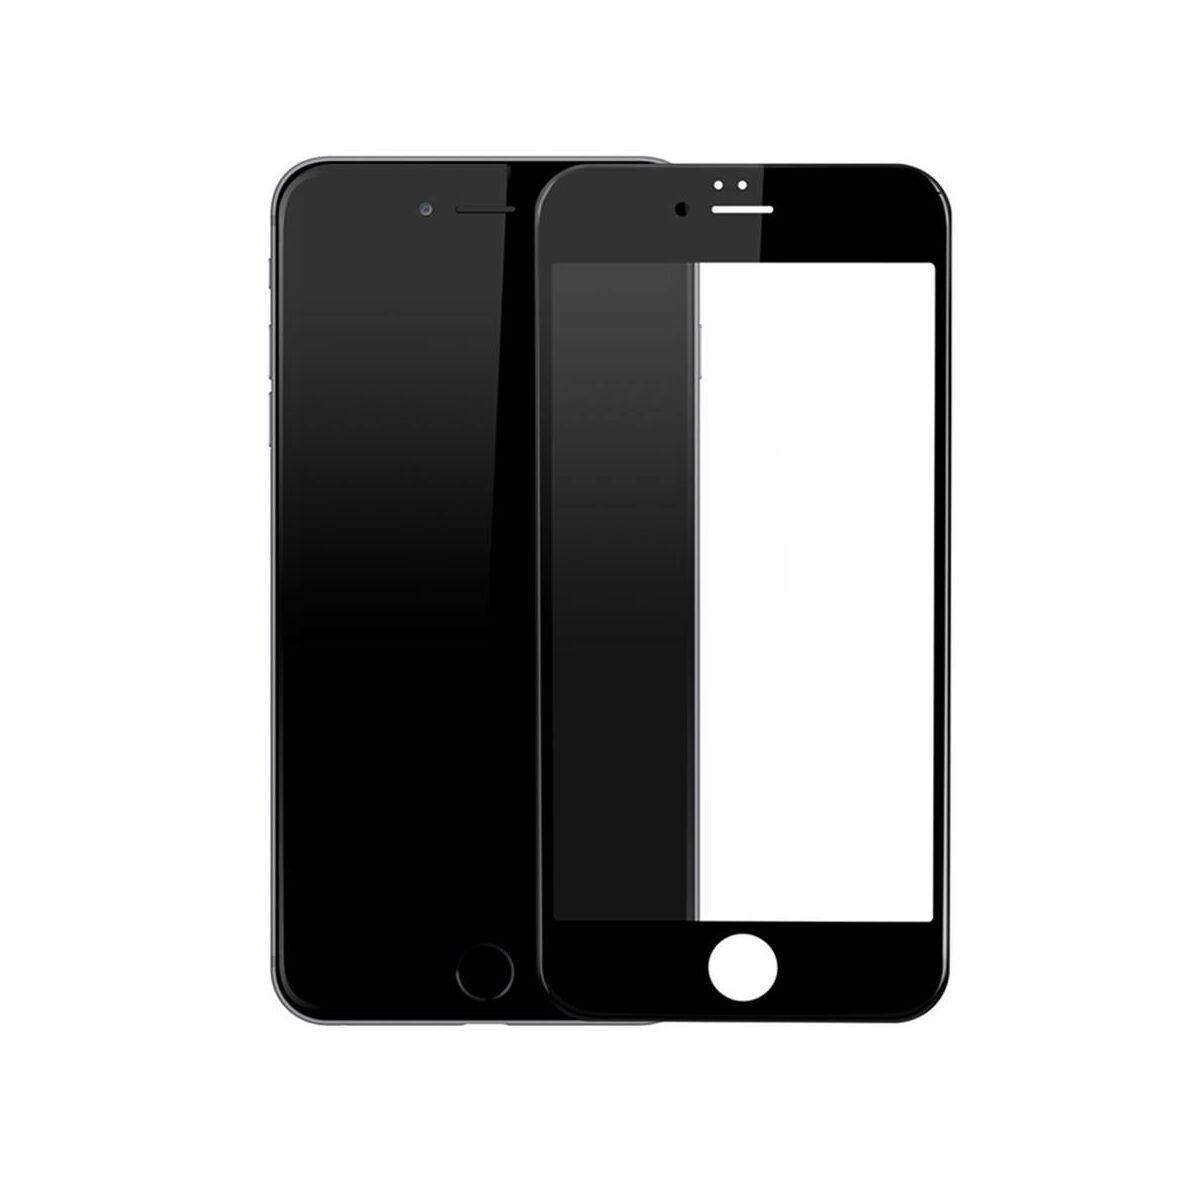 Baseus iPhone 6/6s 0.3 mm, teljes felületre edzett üveg kijelzővédő fólia, fekete (SGAPIPH6S-B3D01)